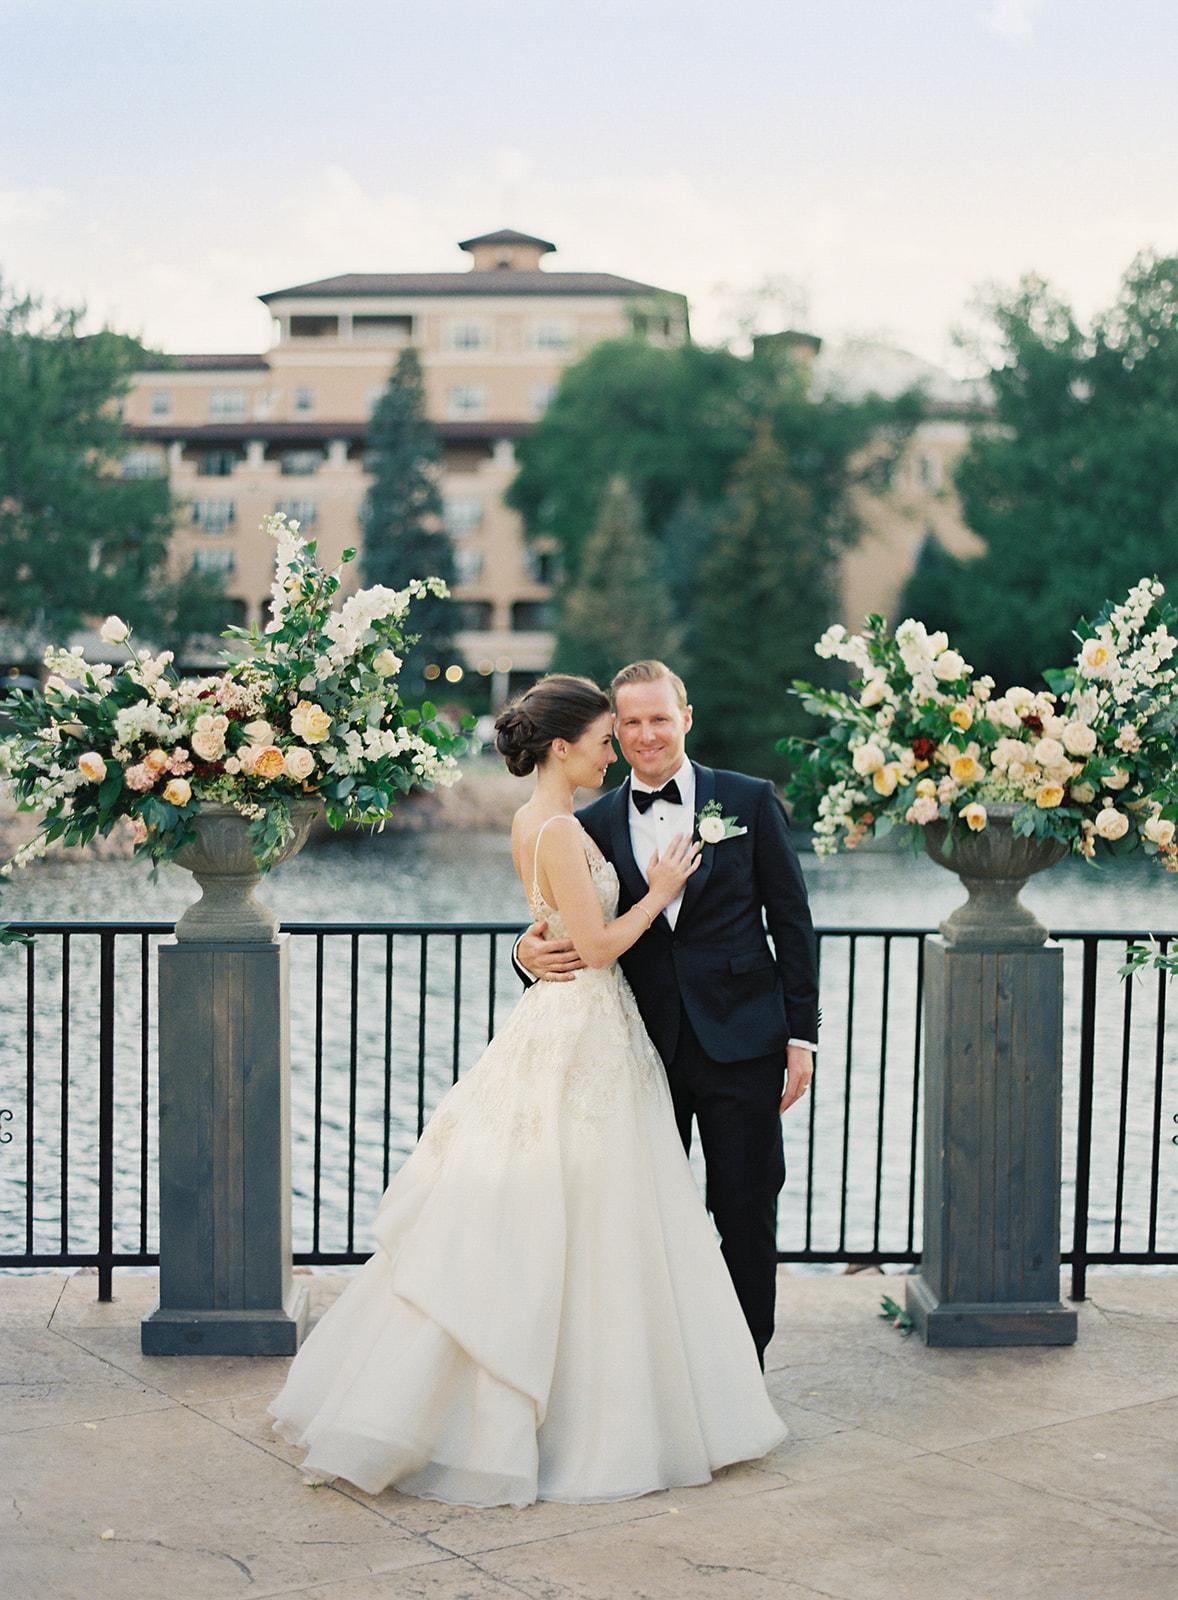 bride and groom outdoor terrace between floral urns